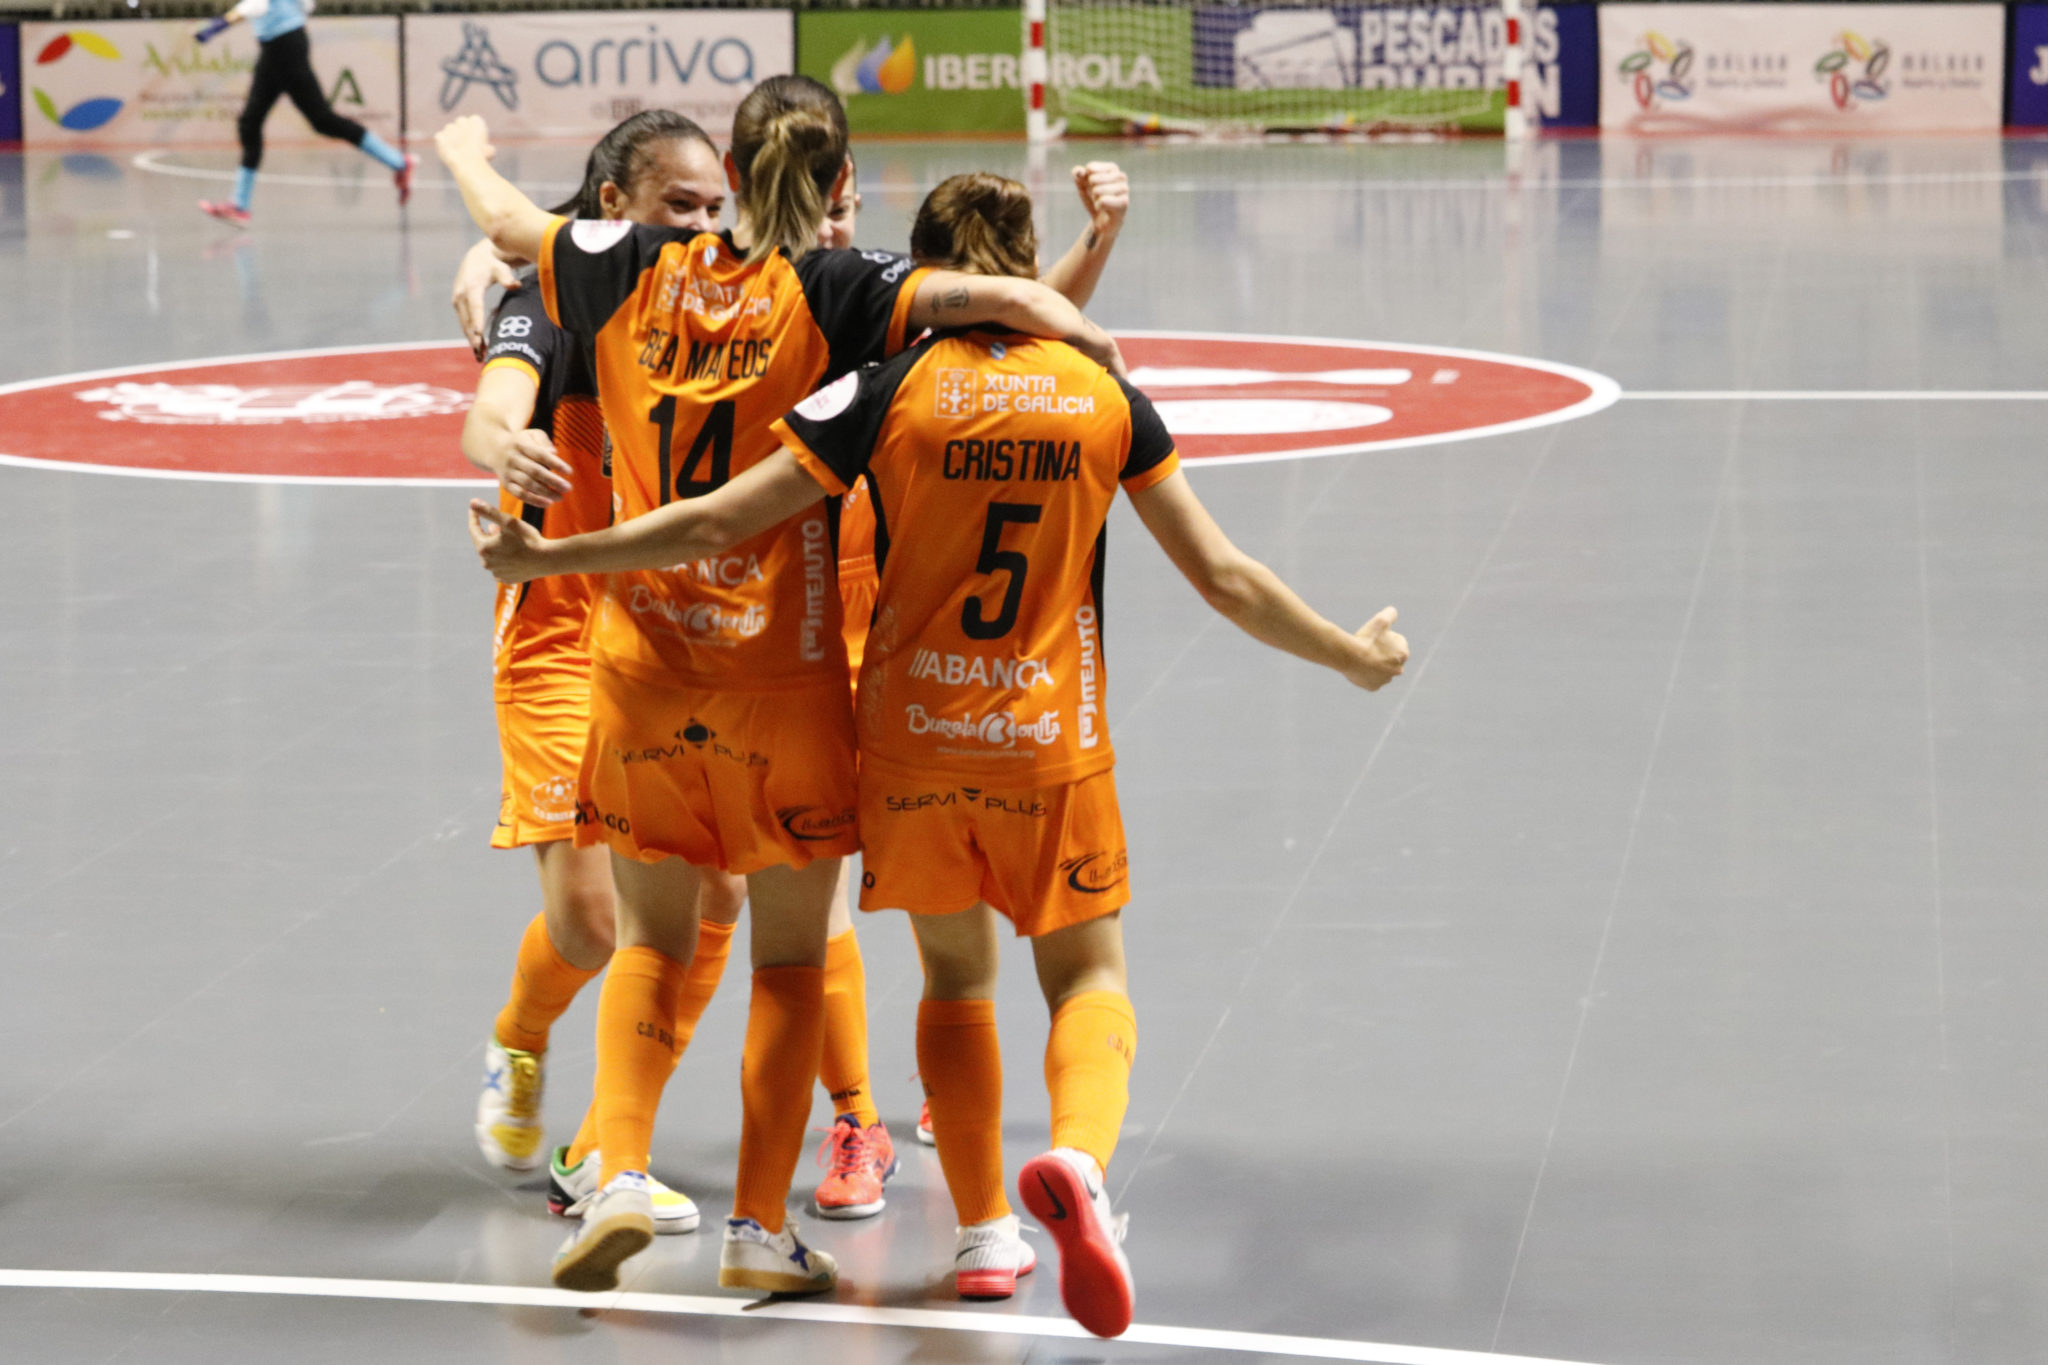 O Burela vence ao Alcorcón na semifinal de Copa / PESCADOS RUBÉN BURELA